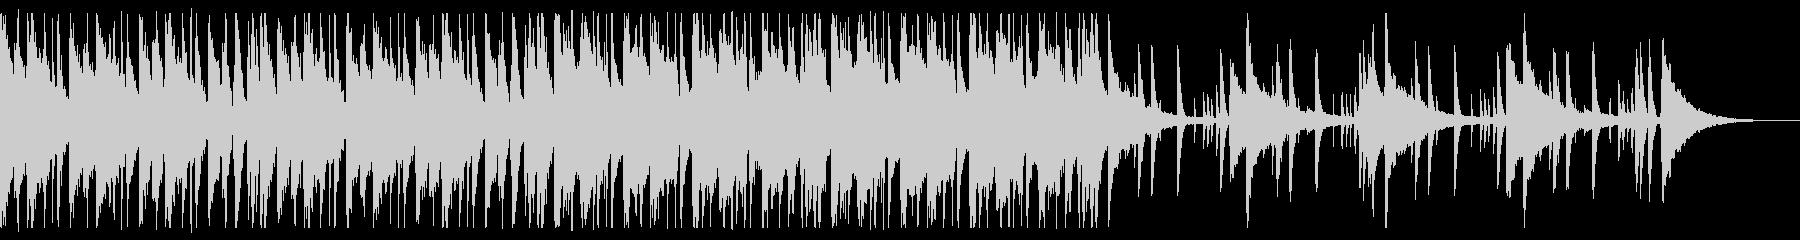 懐かしい雰囲気のチルR&B_5の未再生の波形